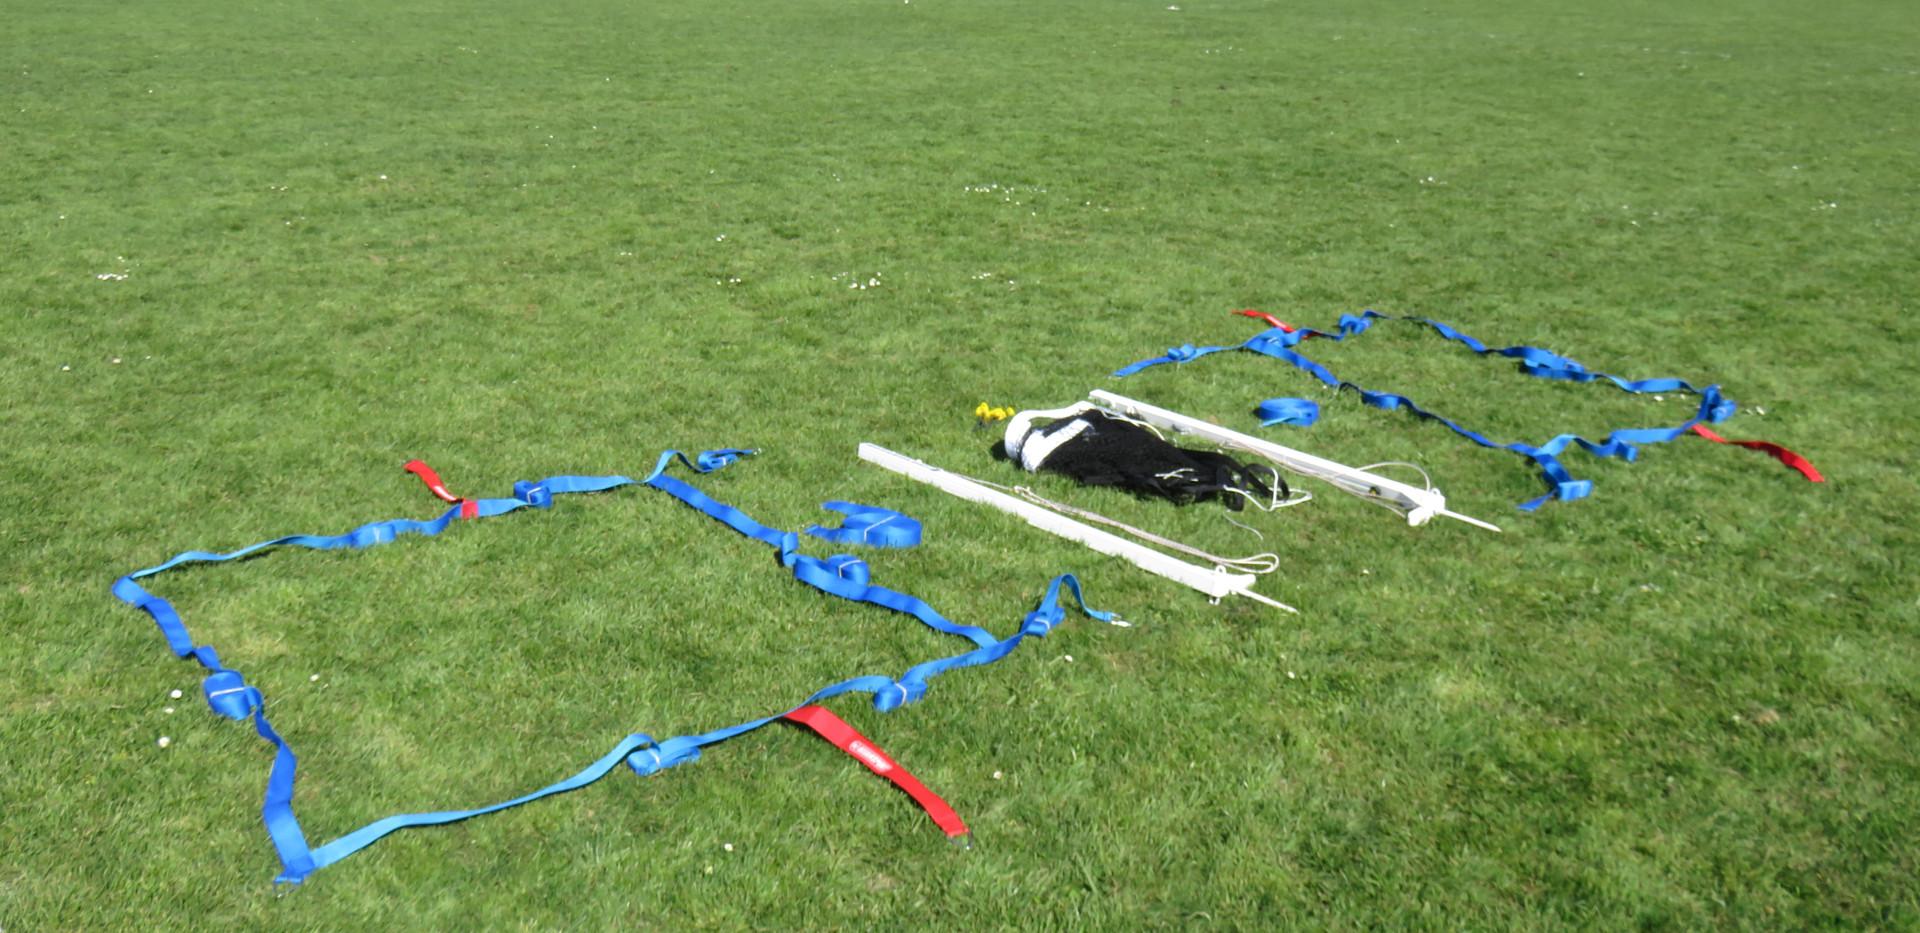 kit de badminton sur gazon.JPG